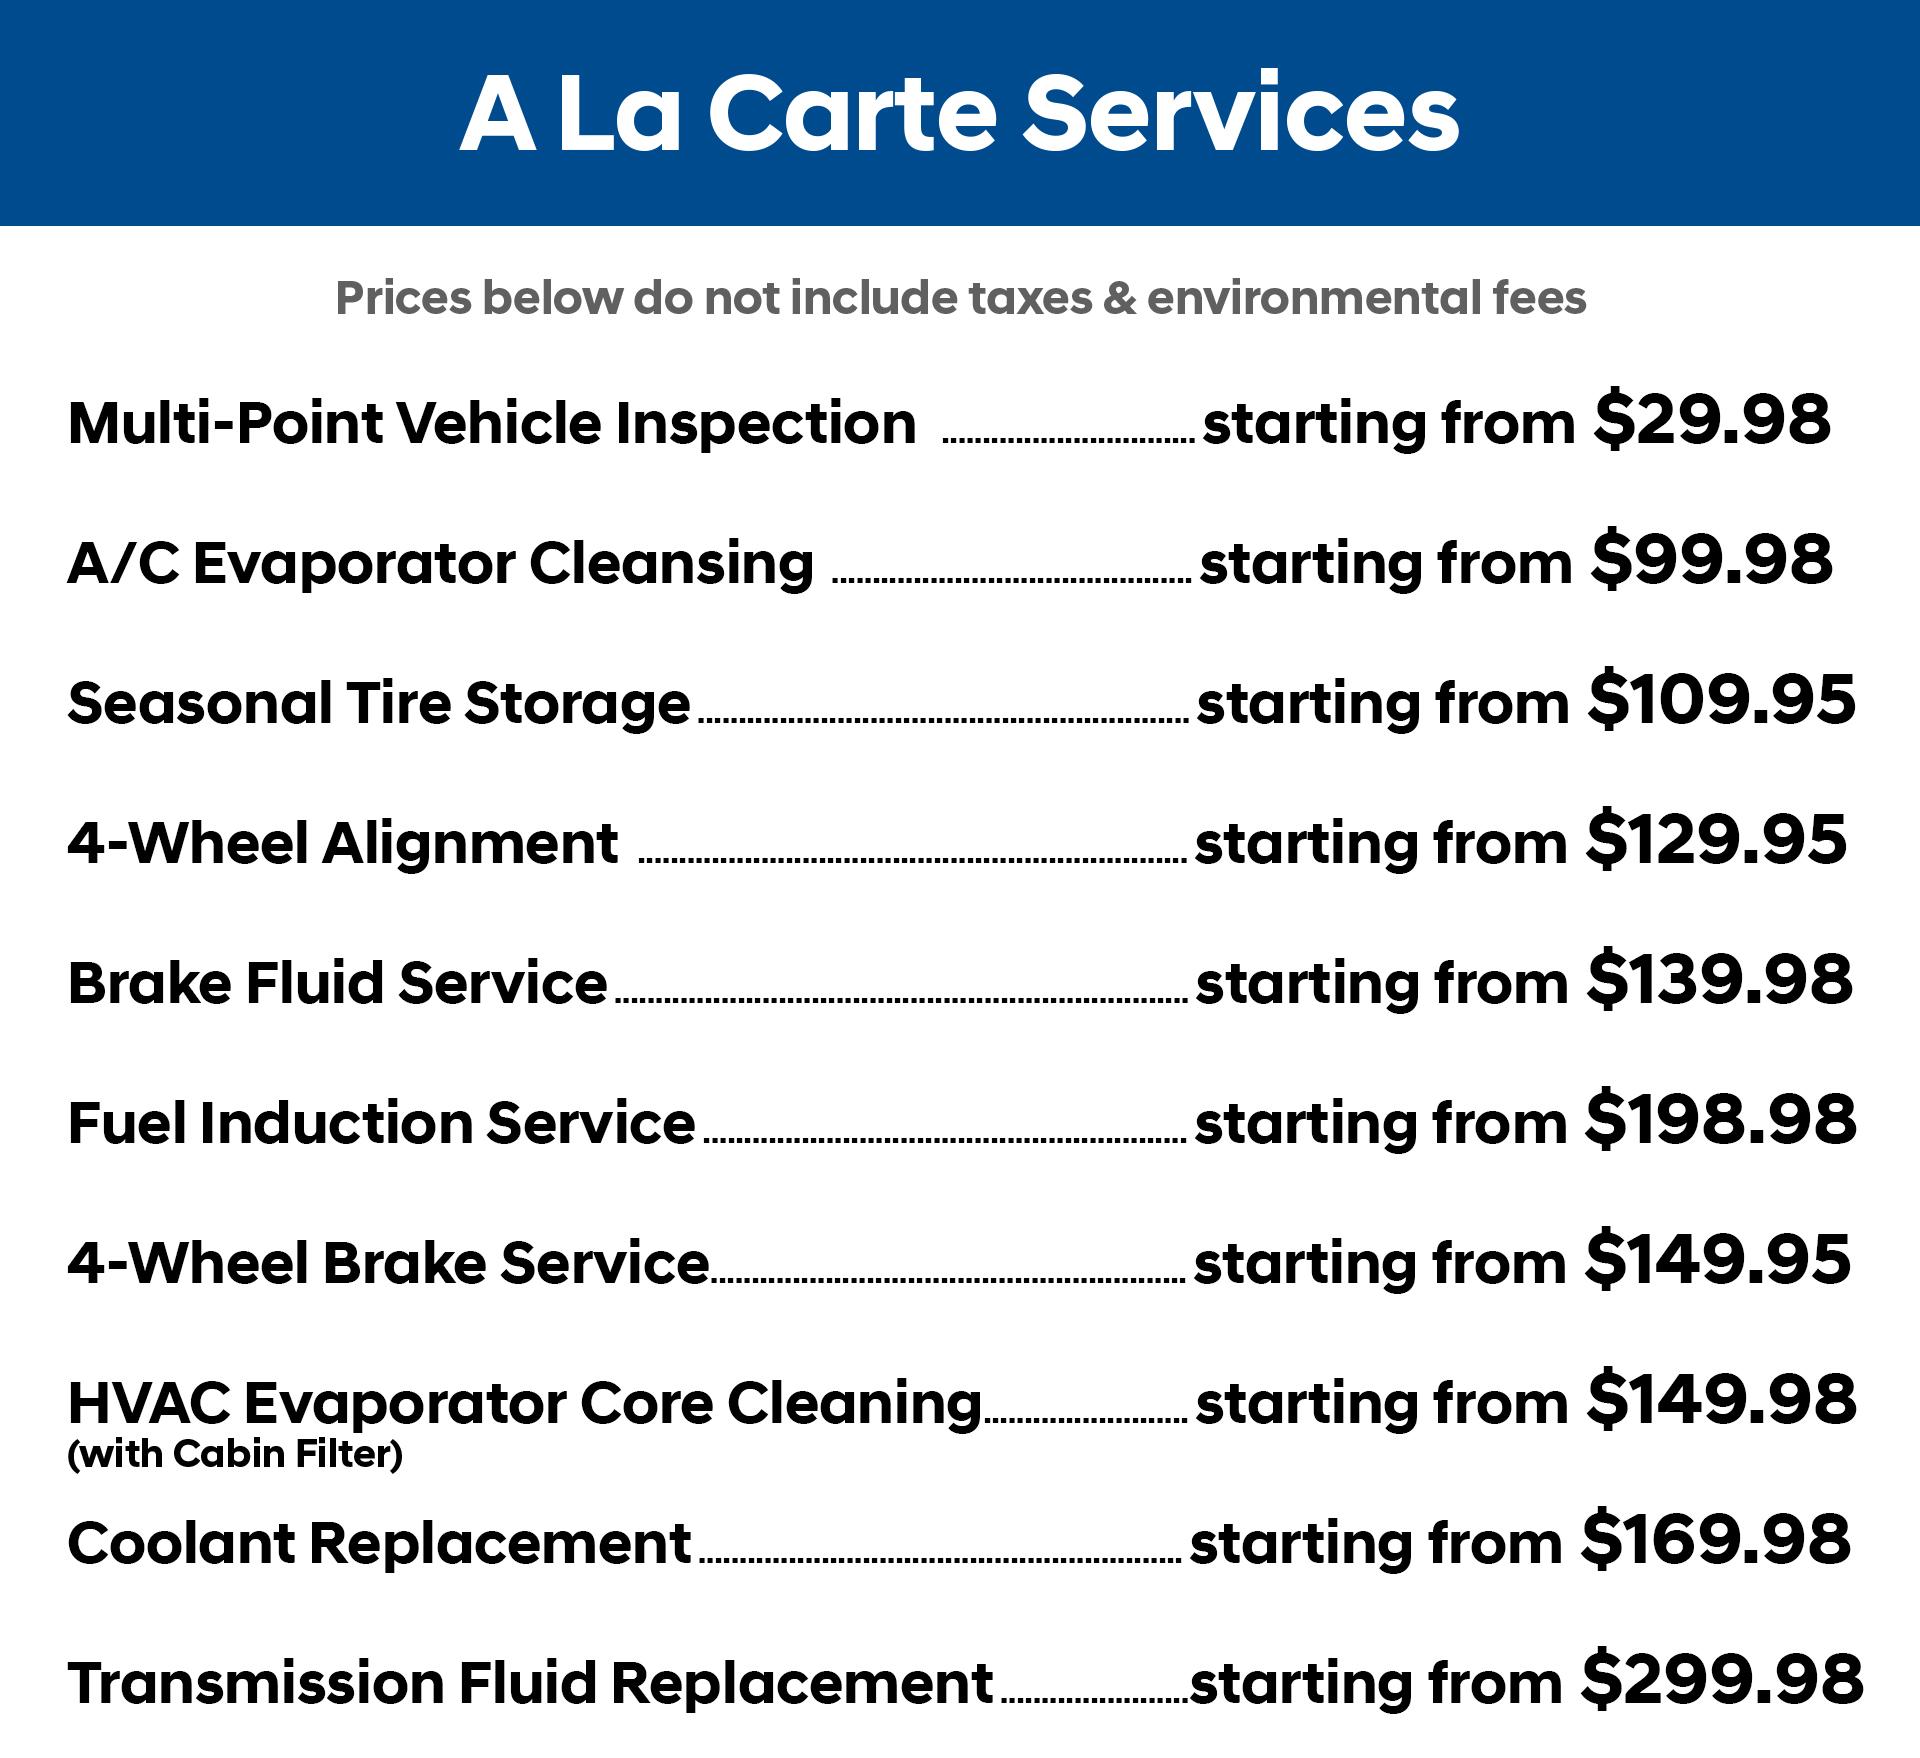 Service-pricing-alacarte-4